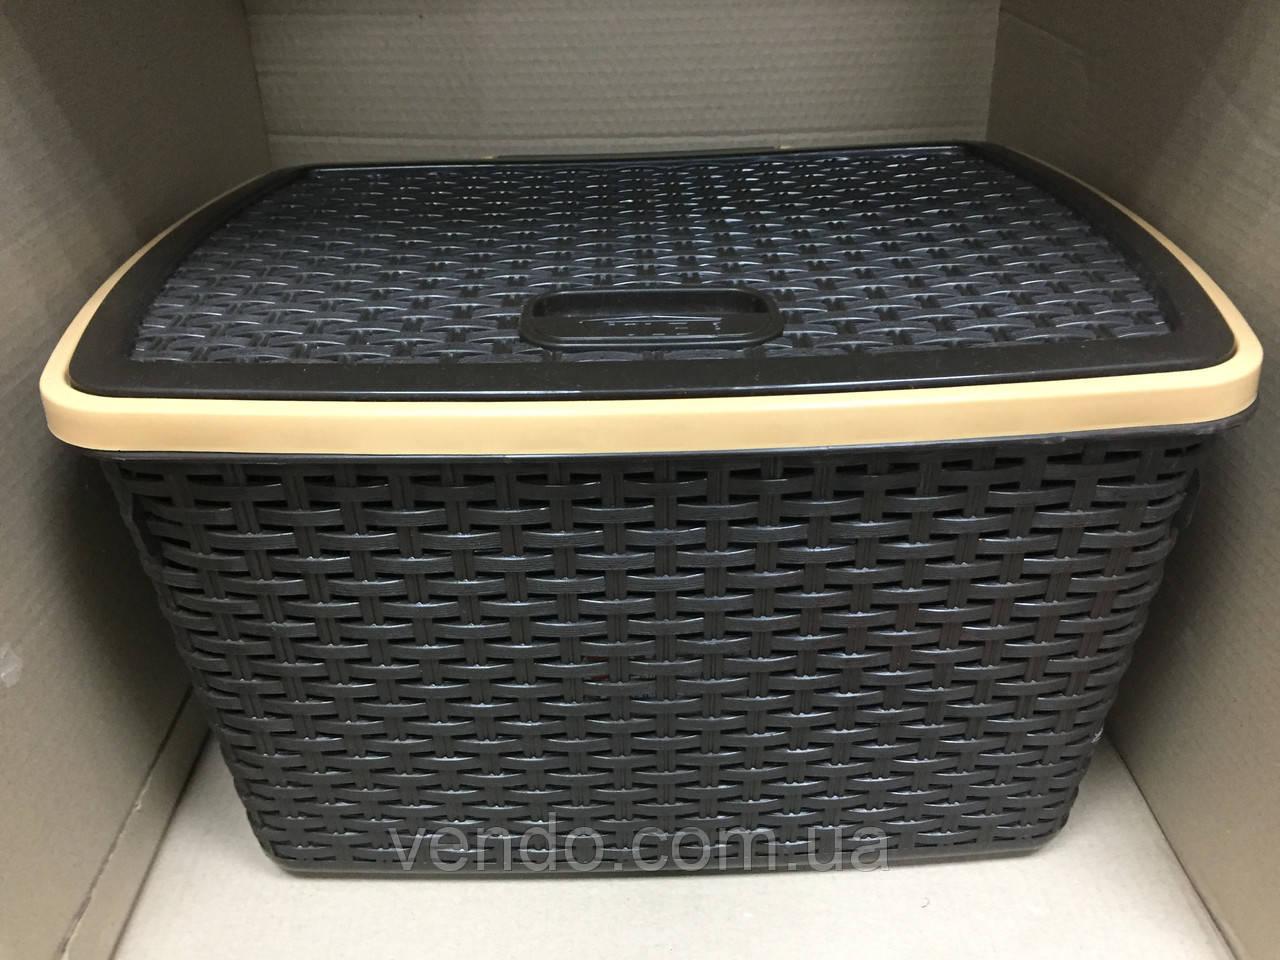 Контейнер с крышкой для хранения вещей ротанг Violet 30 л / коричневый